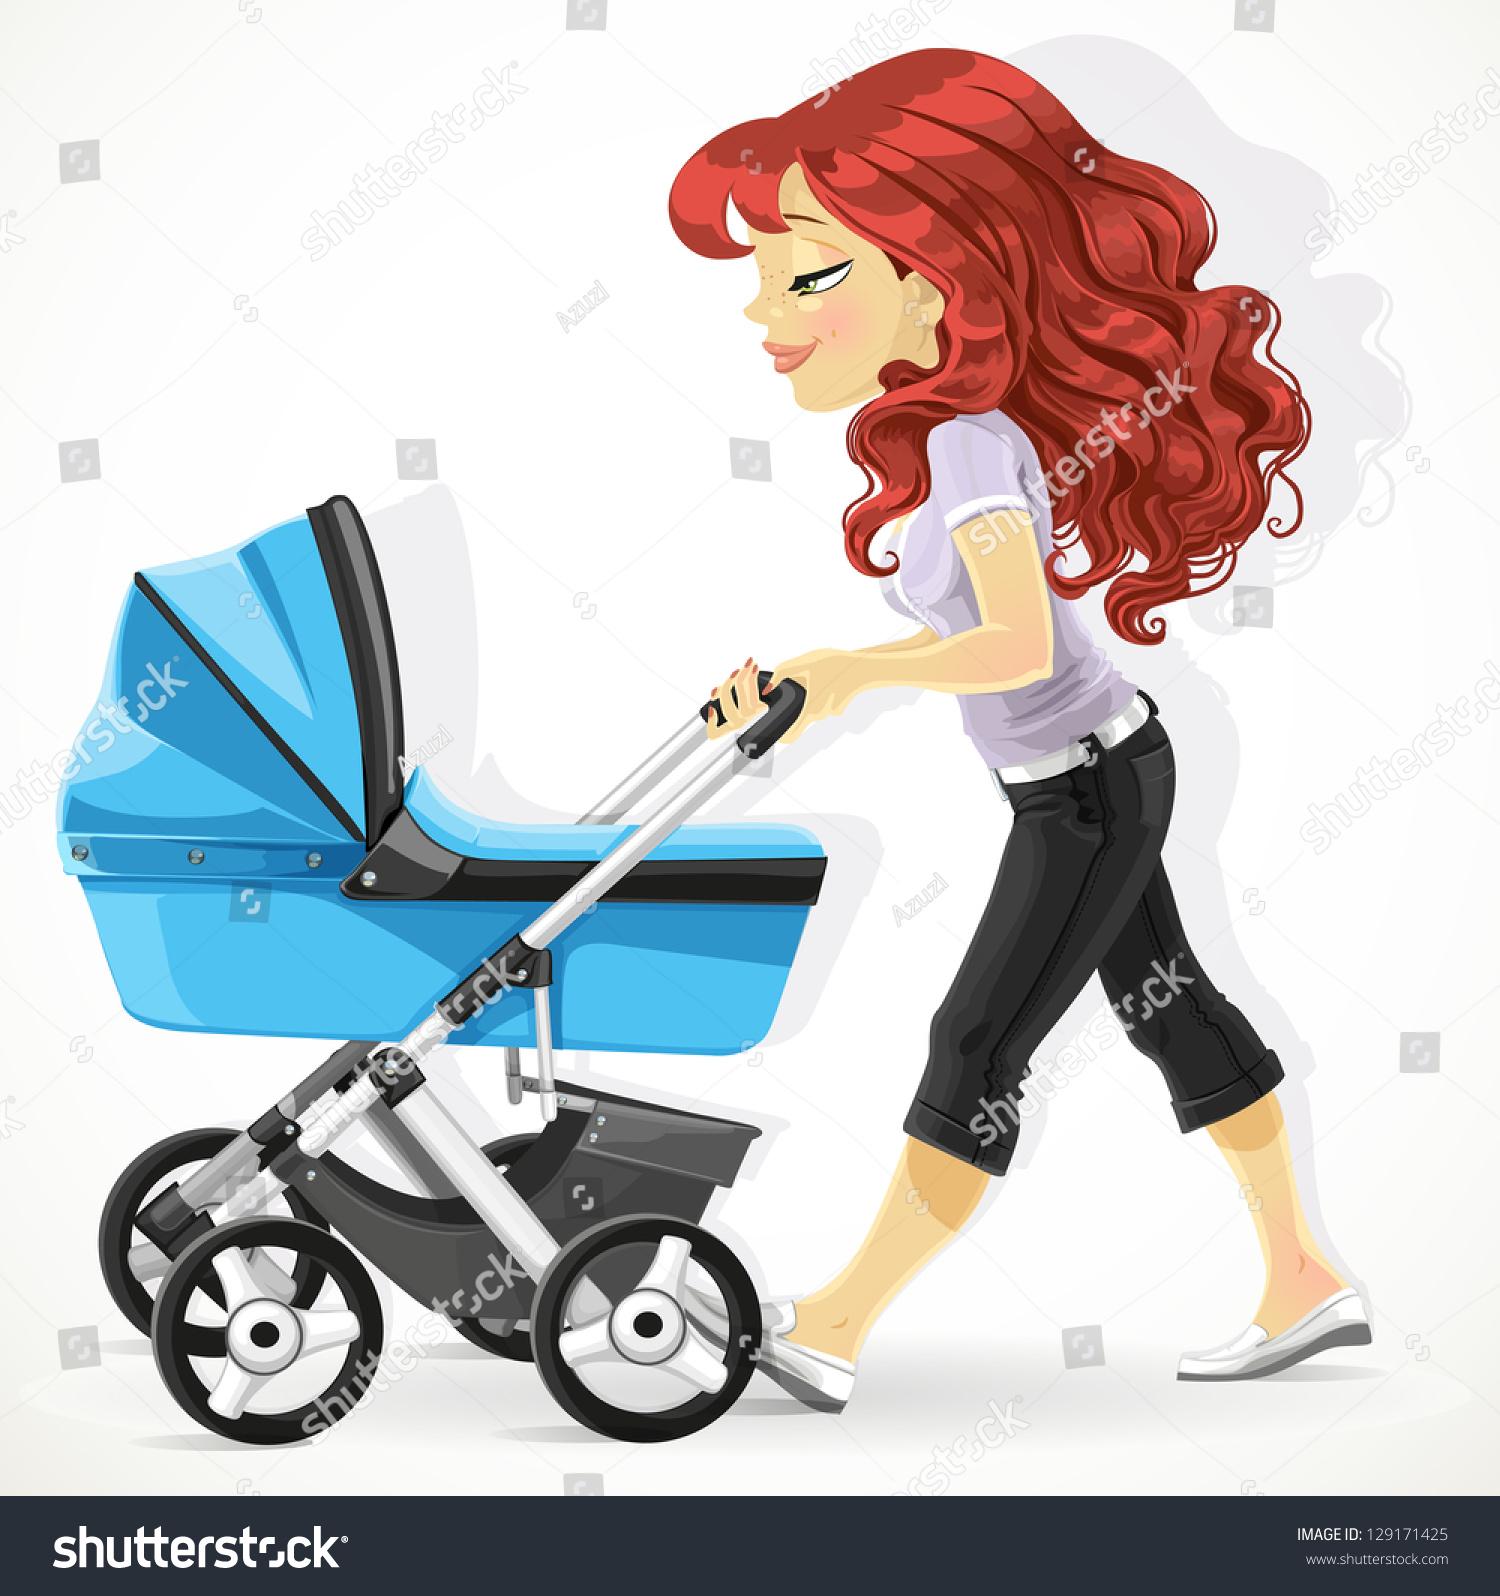 可爱的母亲带着一个蓝色婴儿车走孤立在白色背景